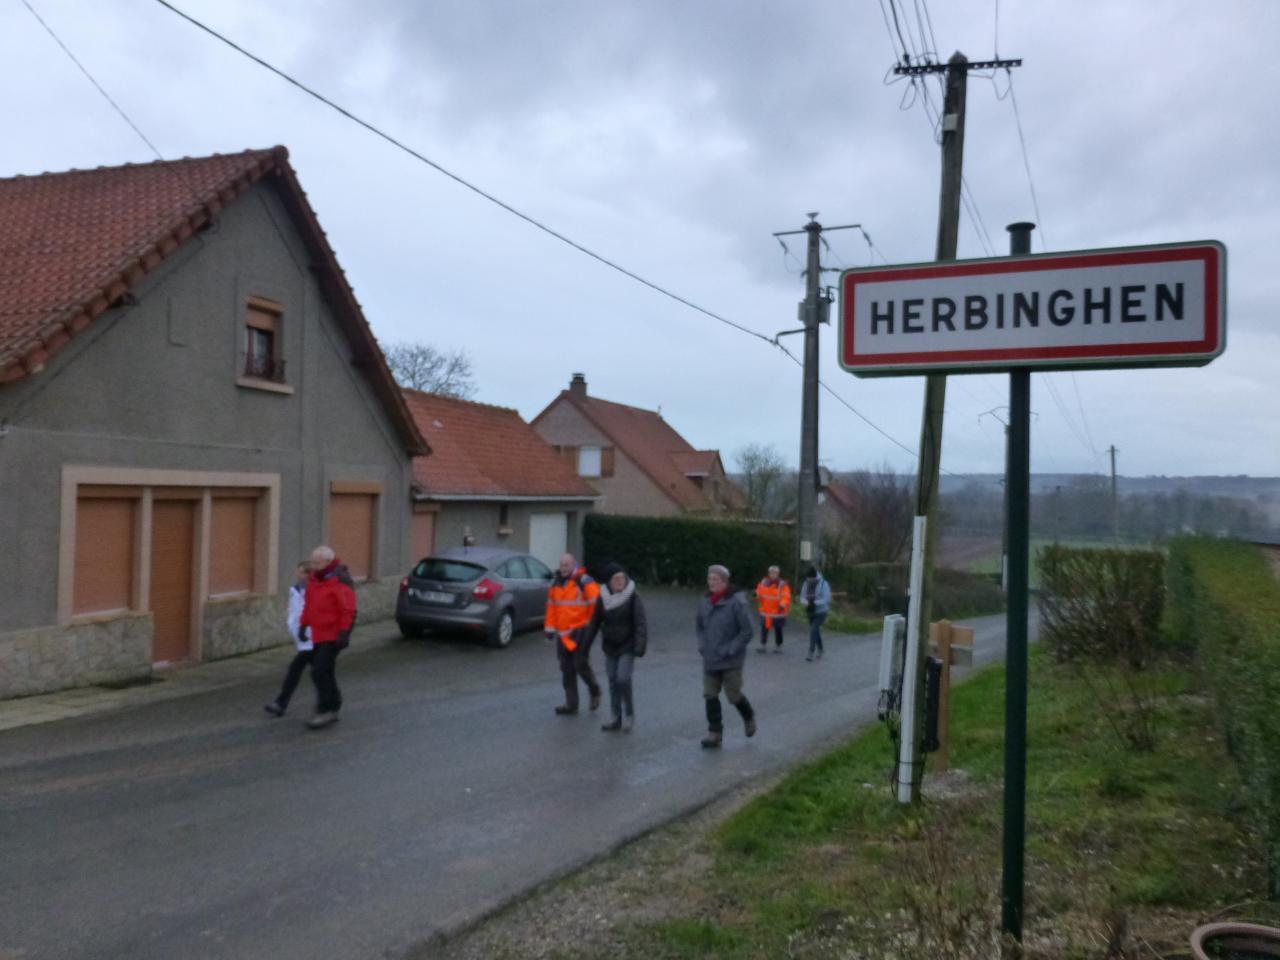 Herbinghen 17 janvier 2016